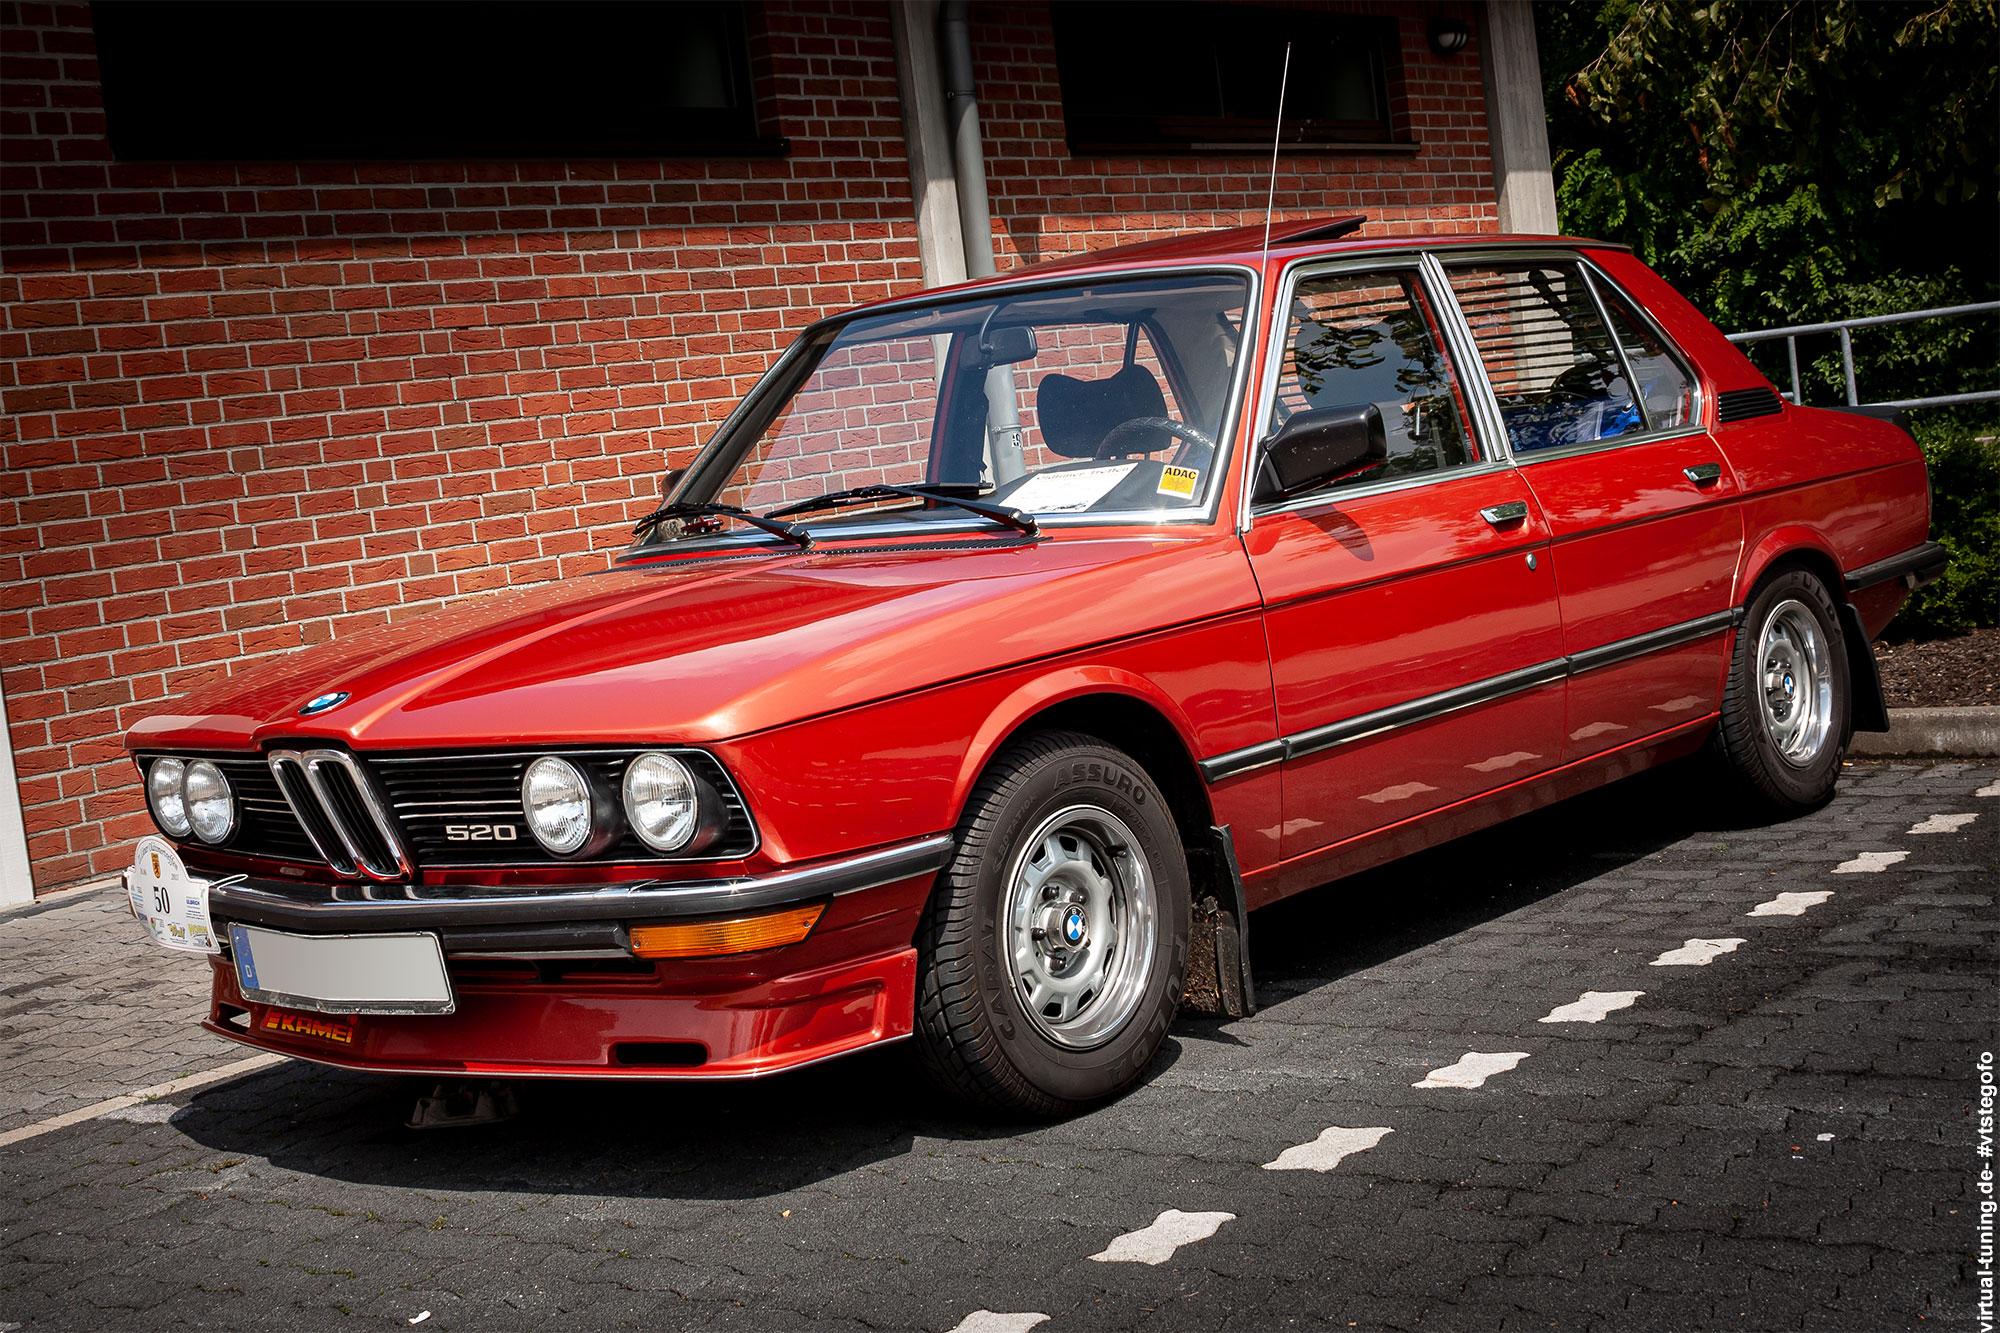 BMW 520 - Lüner Oldtimertreffen 2011